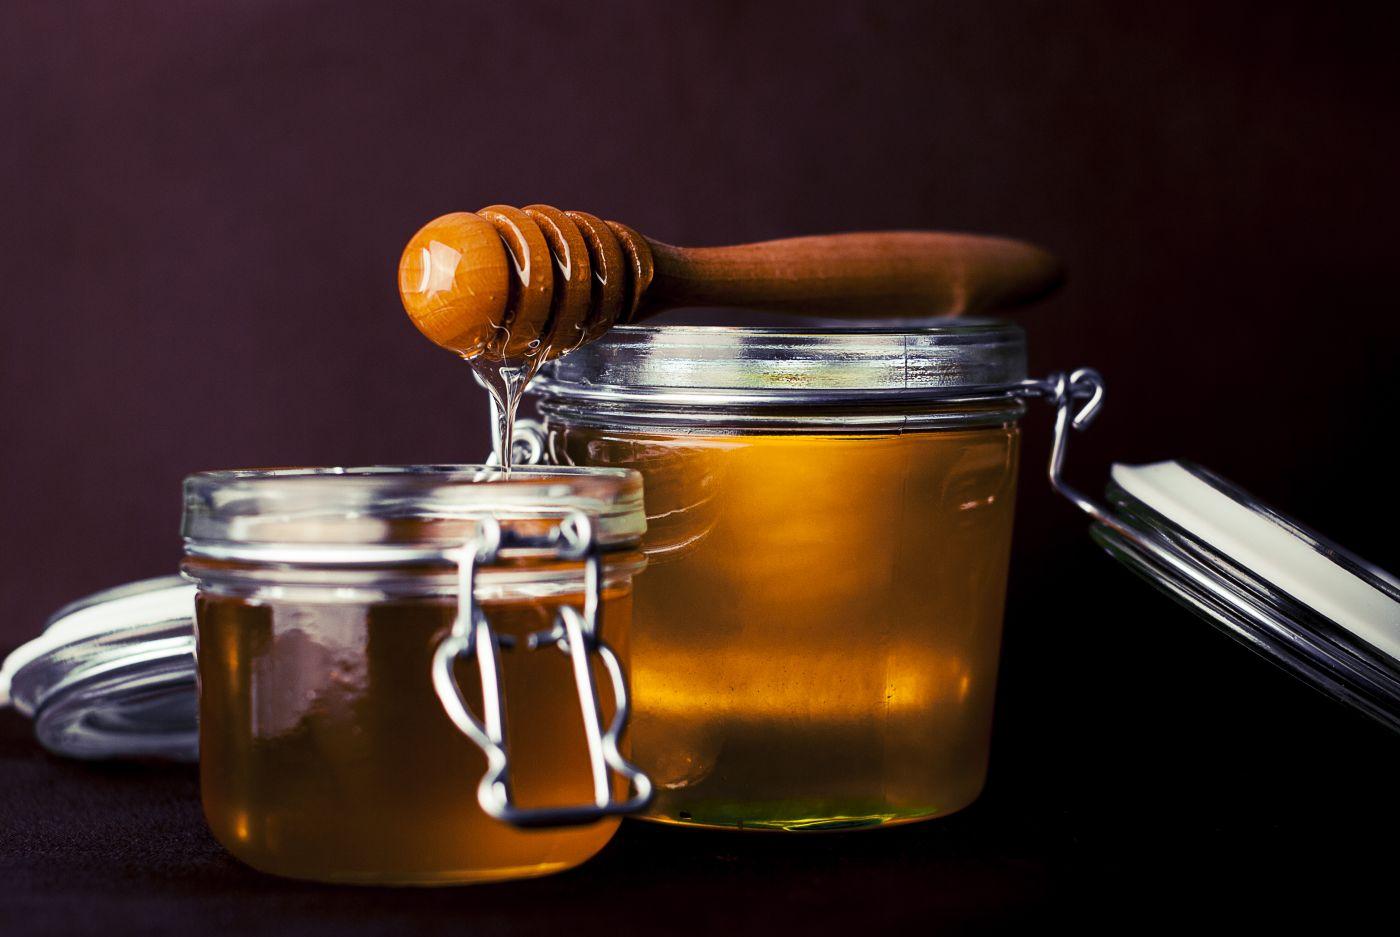 spoon honey jar